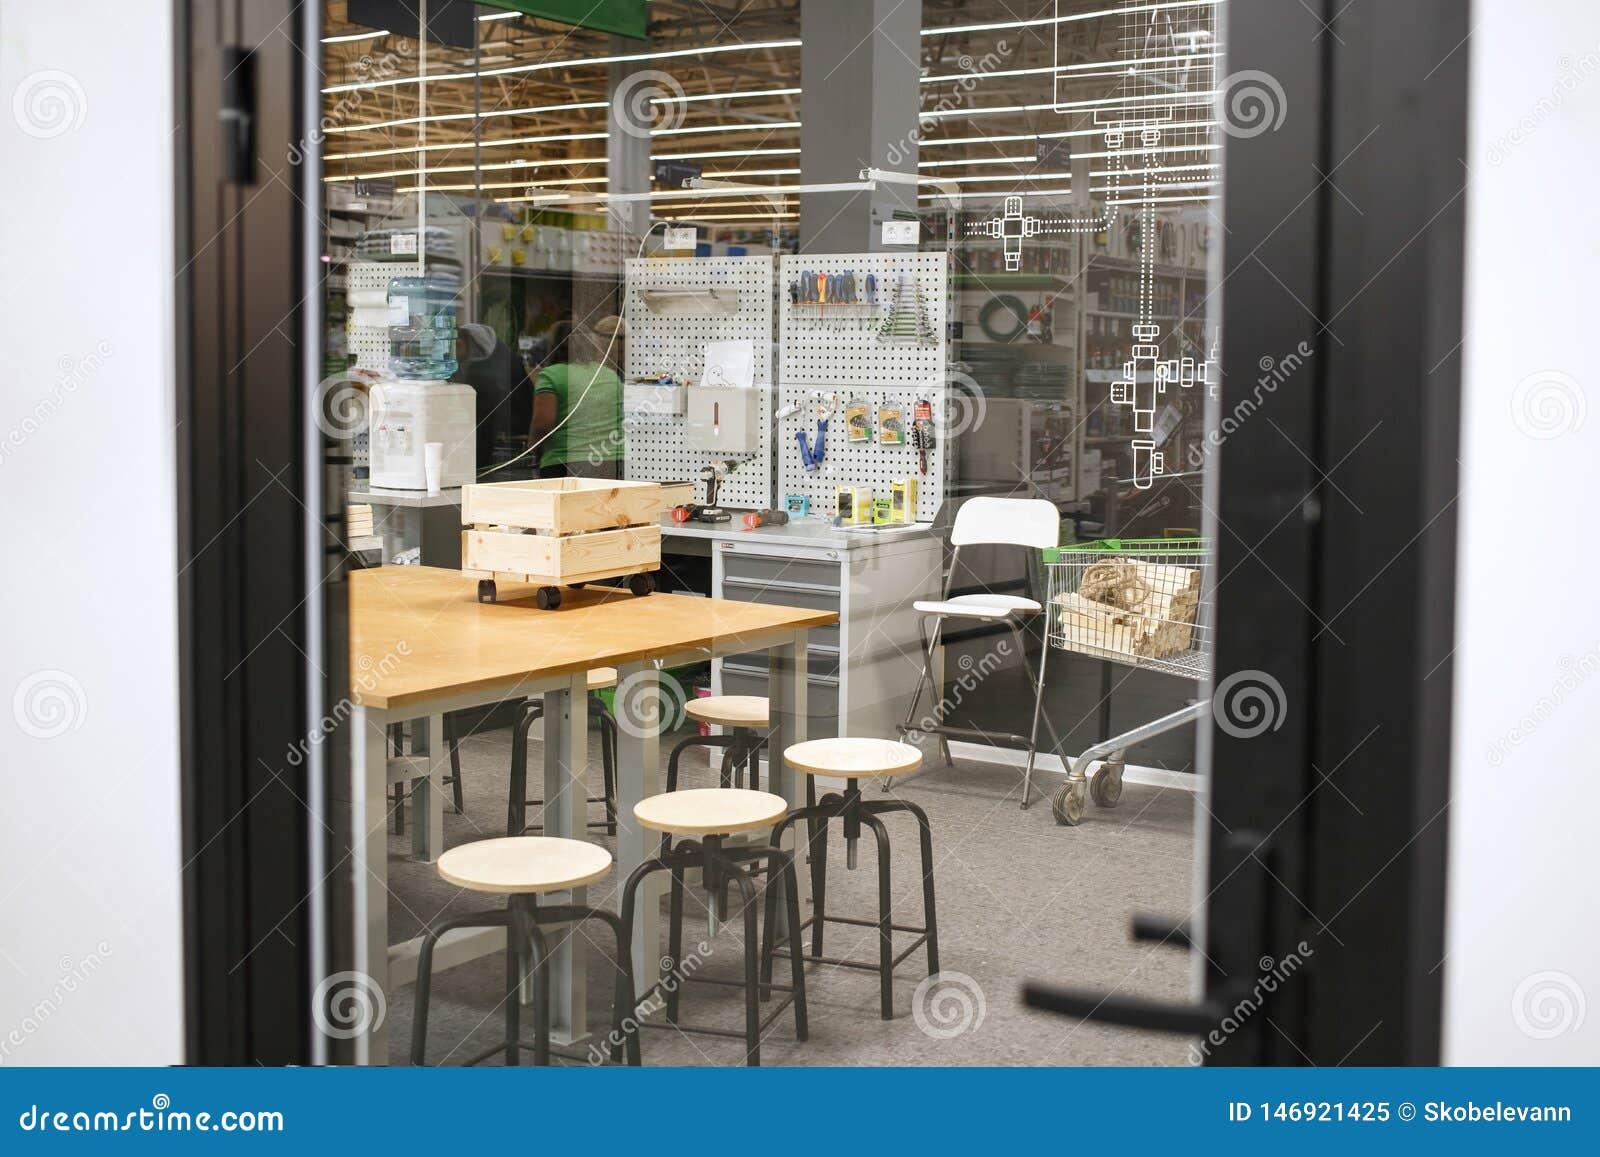 Schöne Holzbearbeitungswerkstatt Gemütliche Werkstatt für einen Tischler